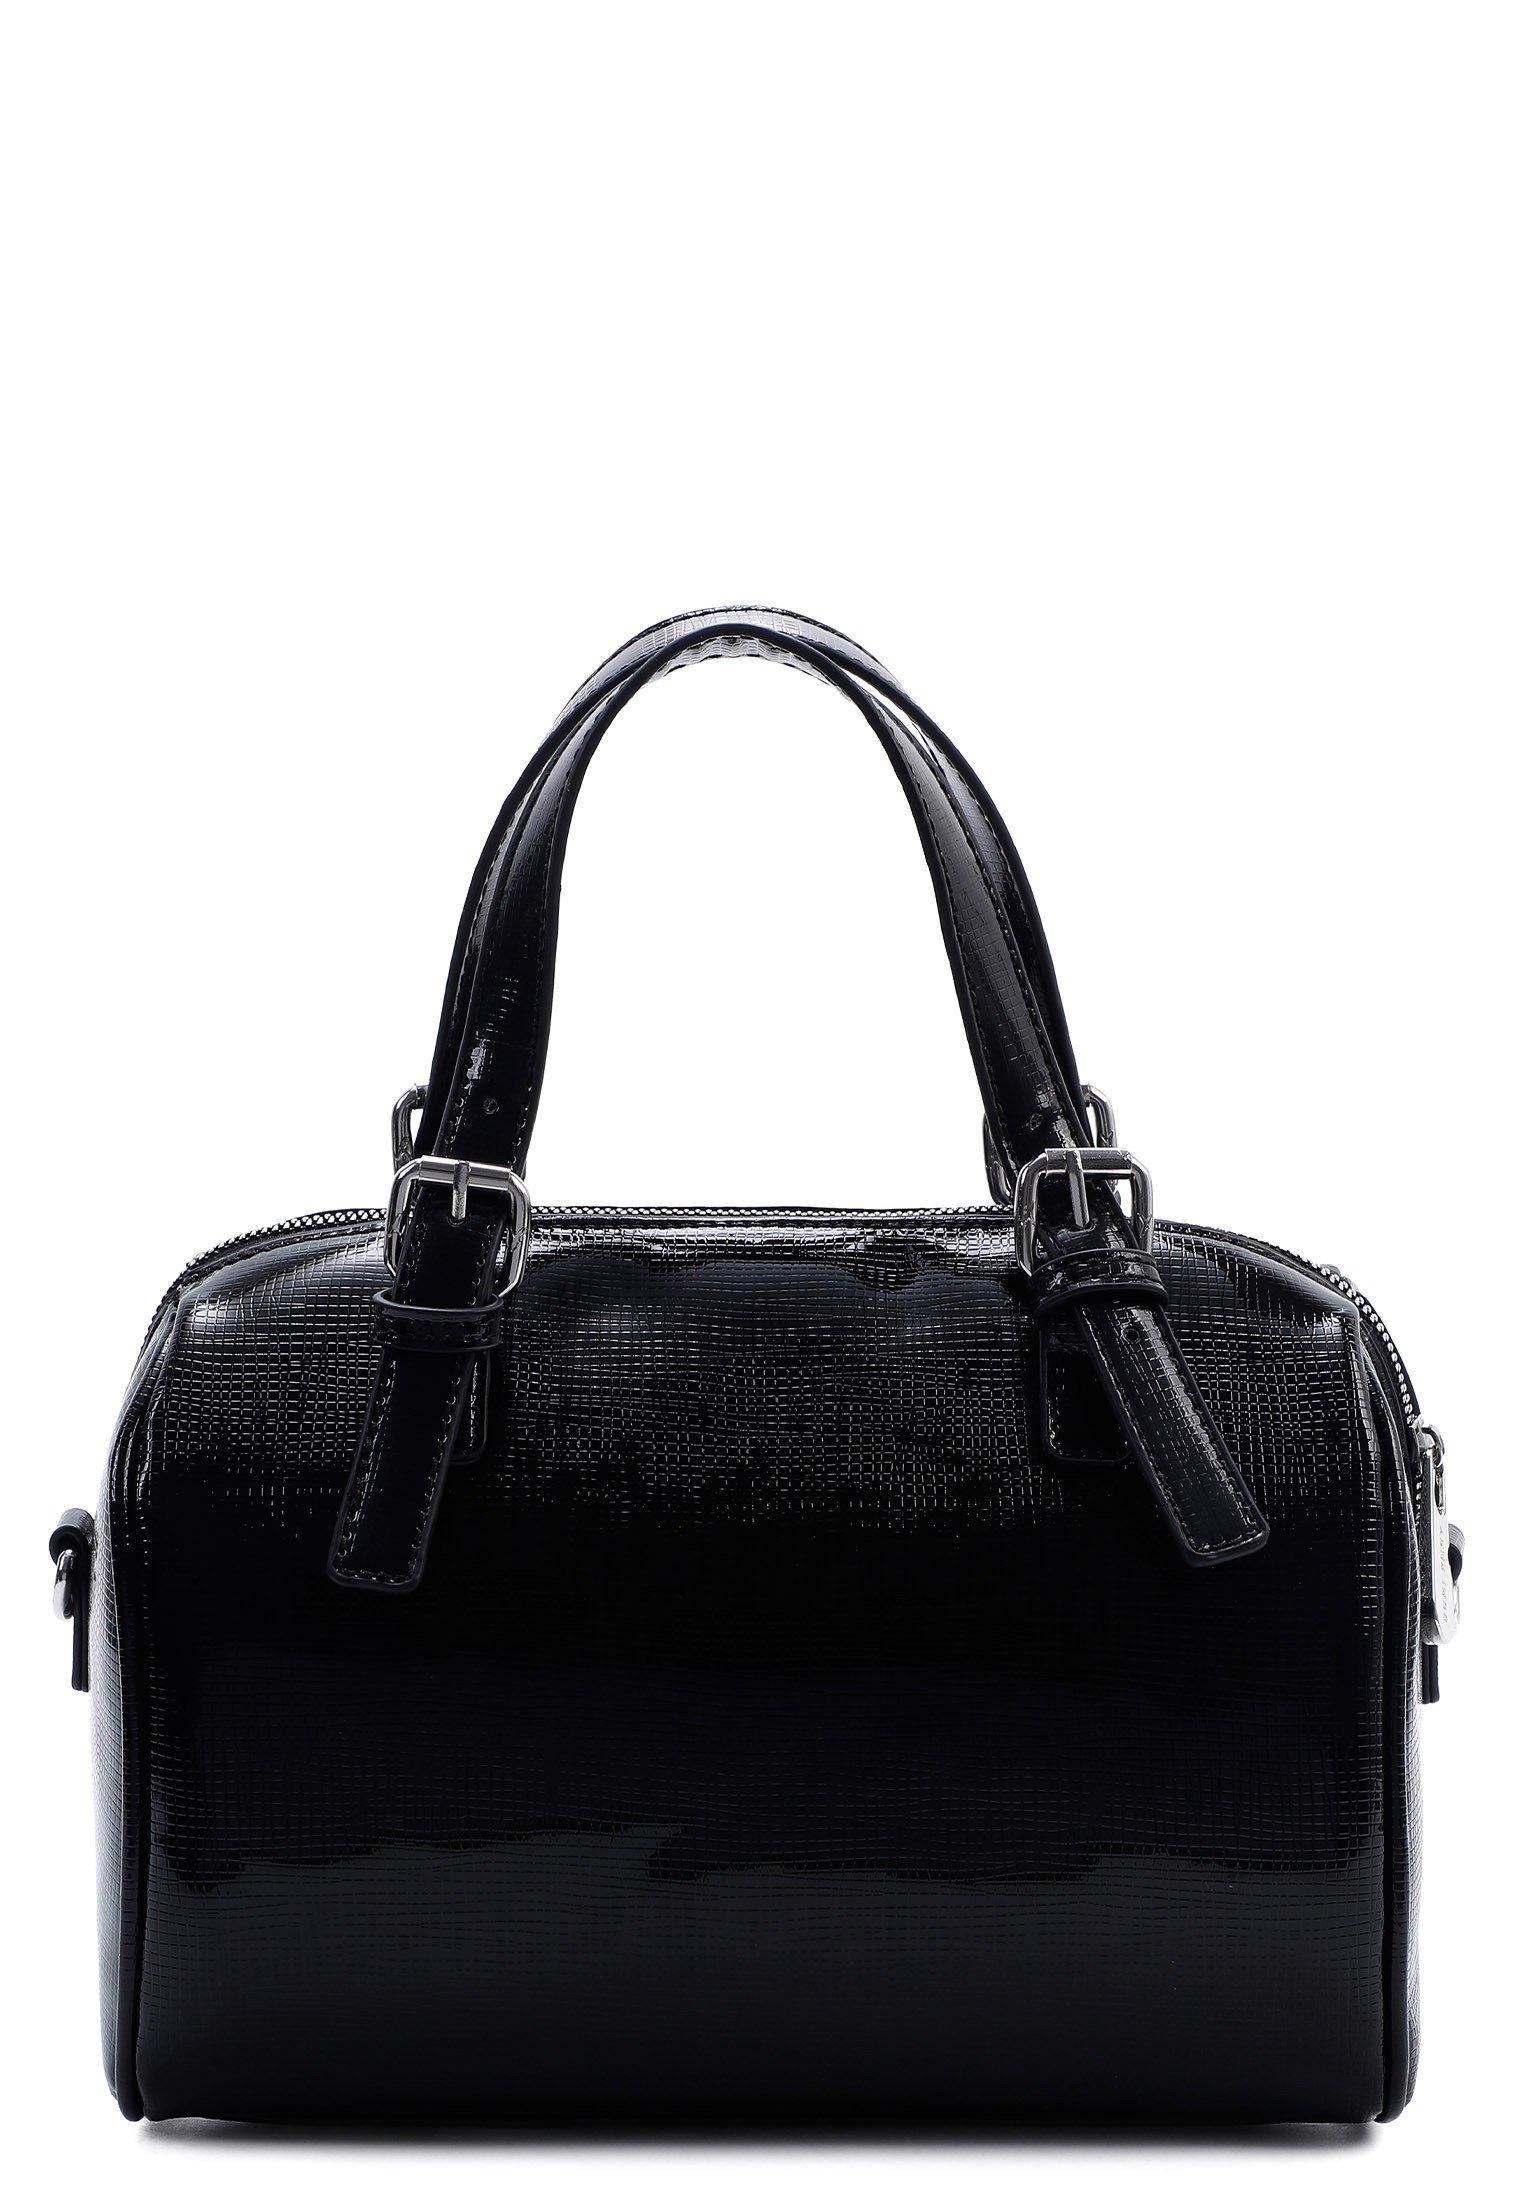 Suri Frey Hanny - Handtasche Black/schwarz